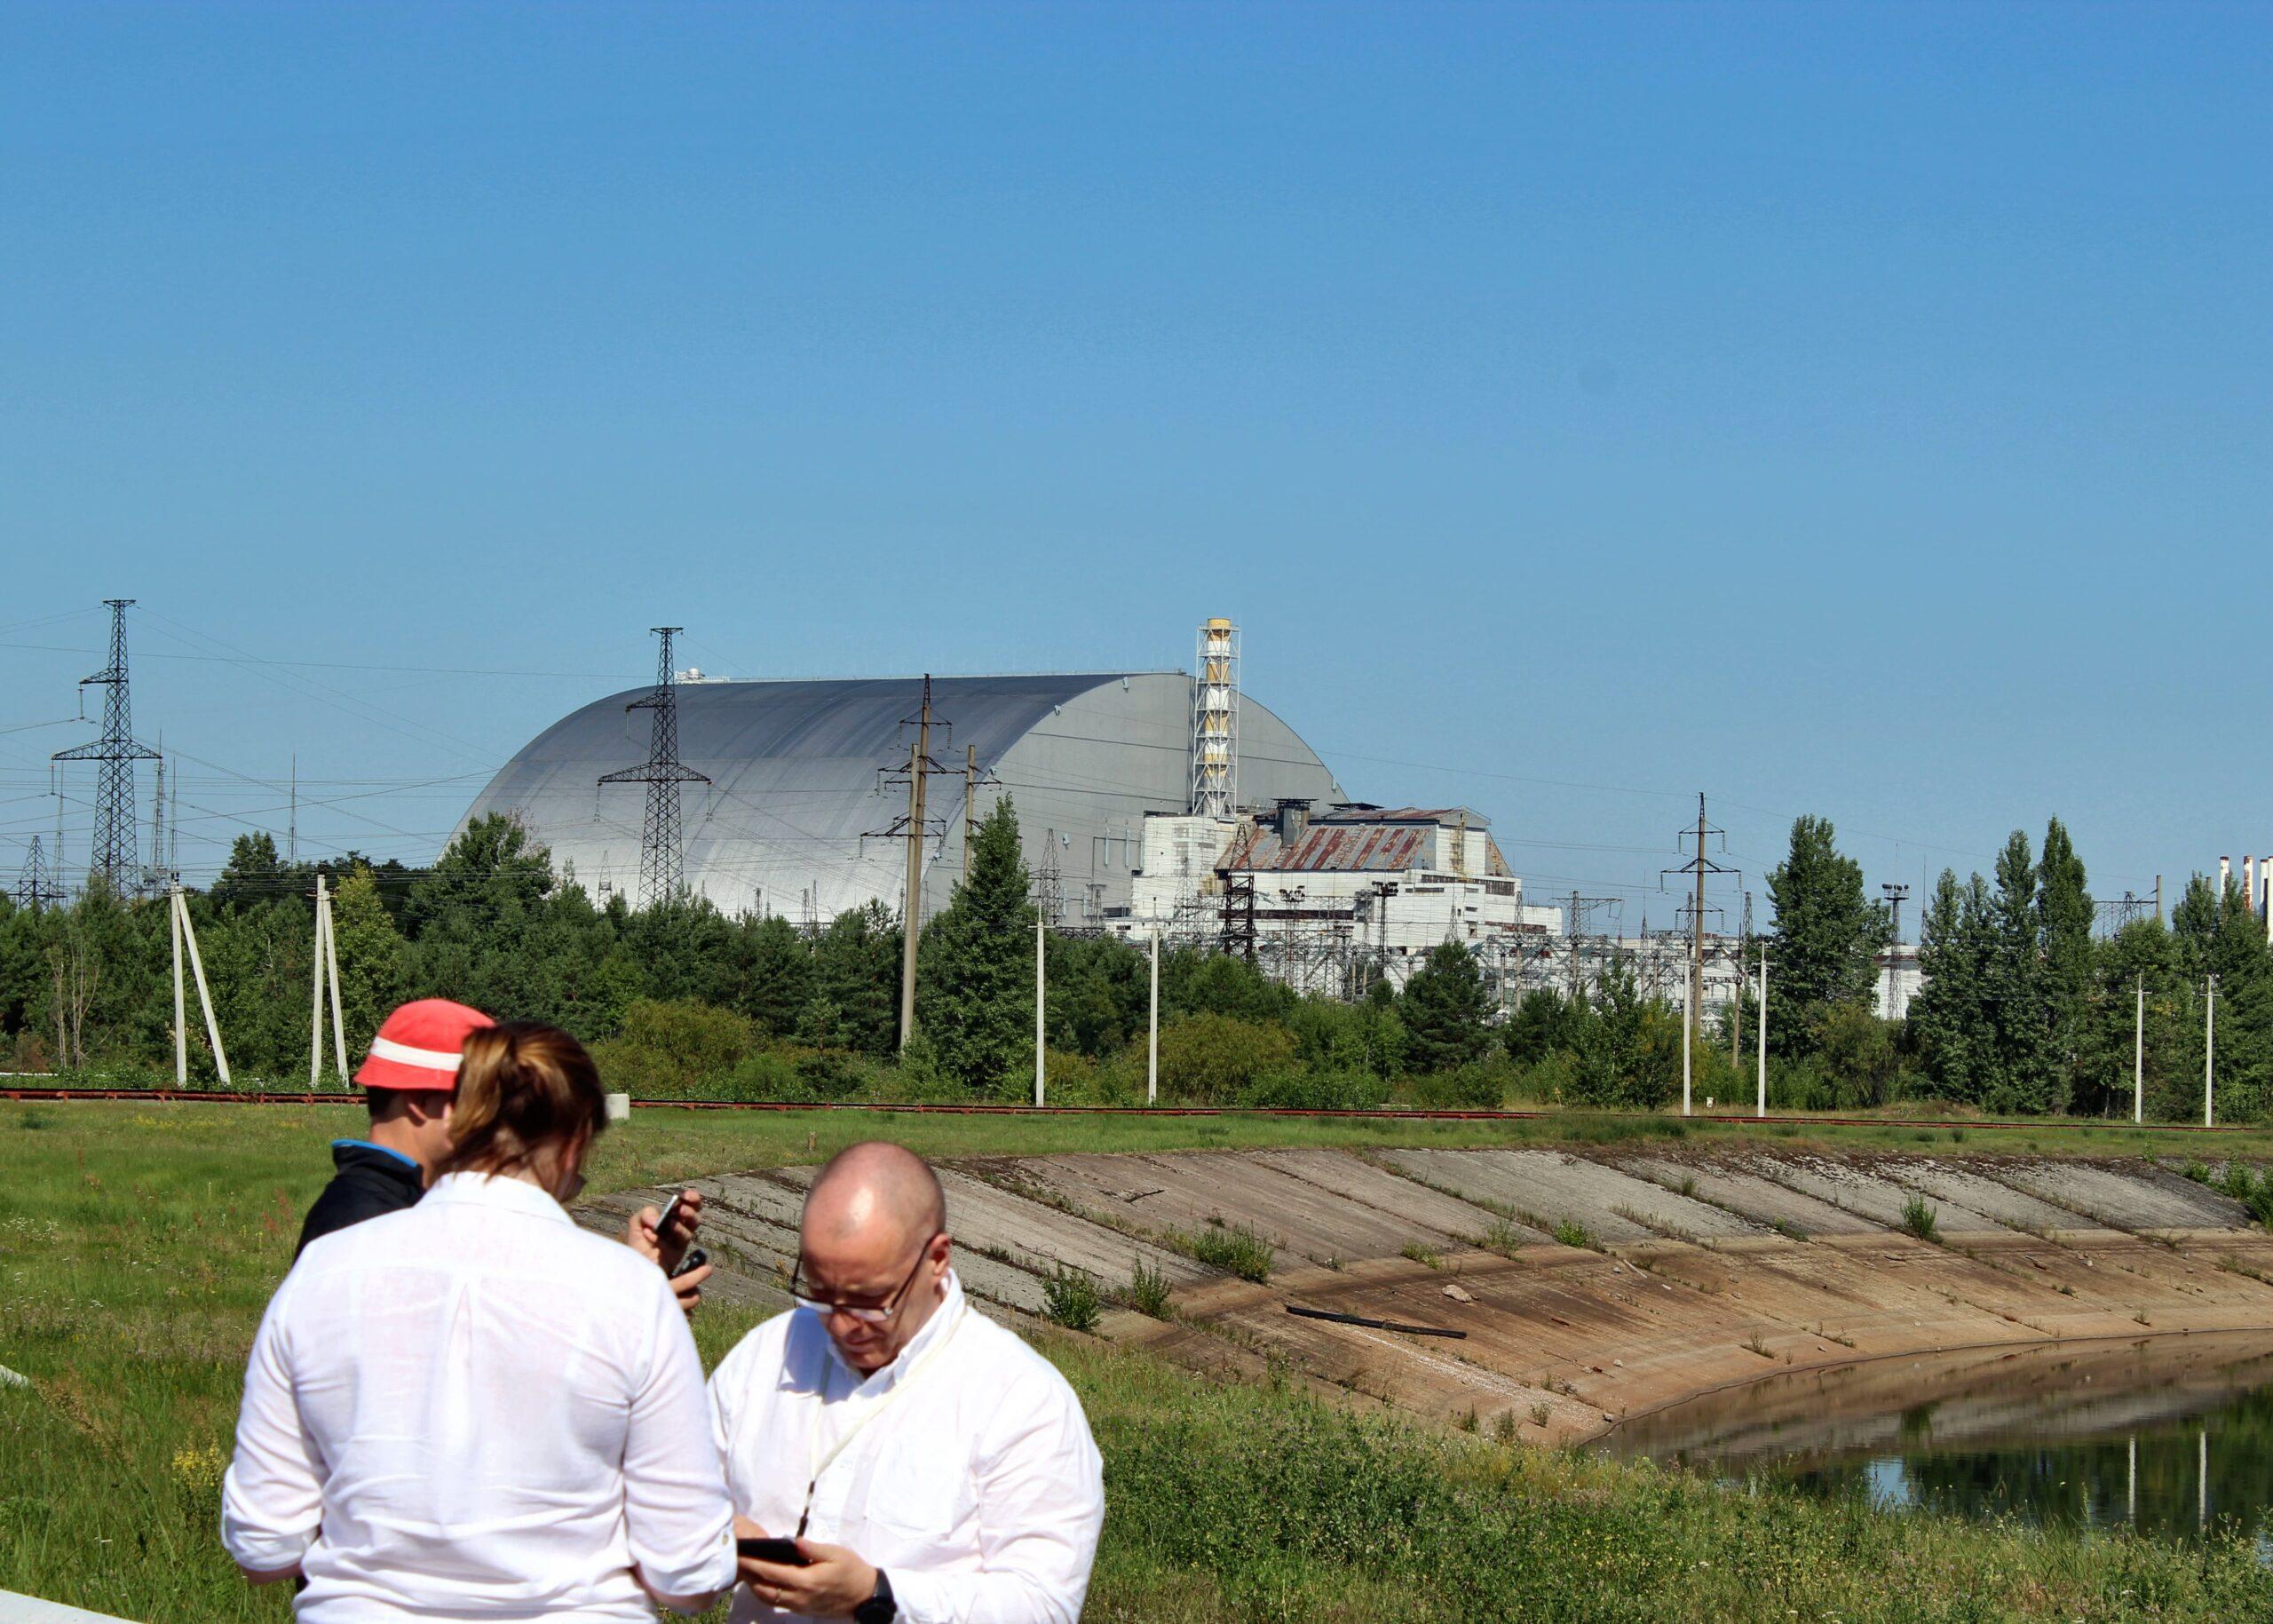 Trips to Chernobyl - wycieczki do Czarnobyla